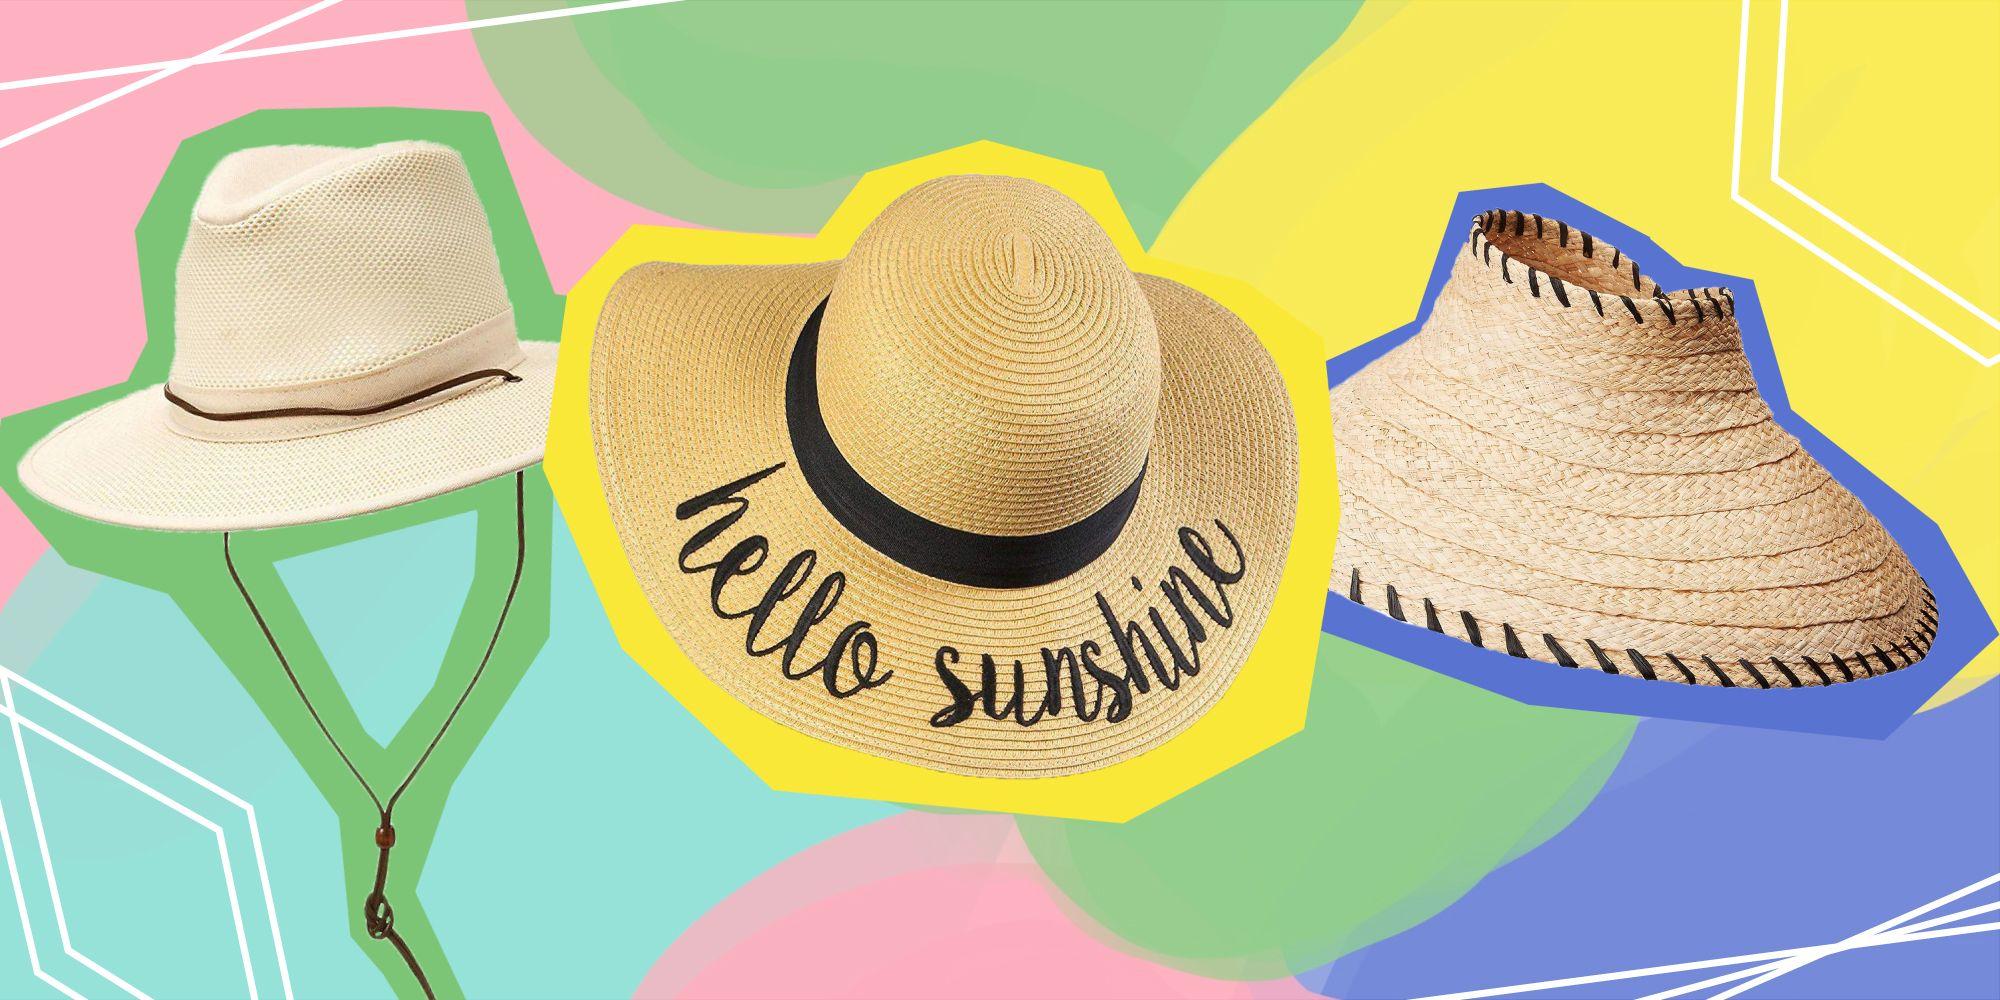 cf9bf0ef6faf3 20 Best Sun Hats for Summer 2019 - Floppy